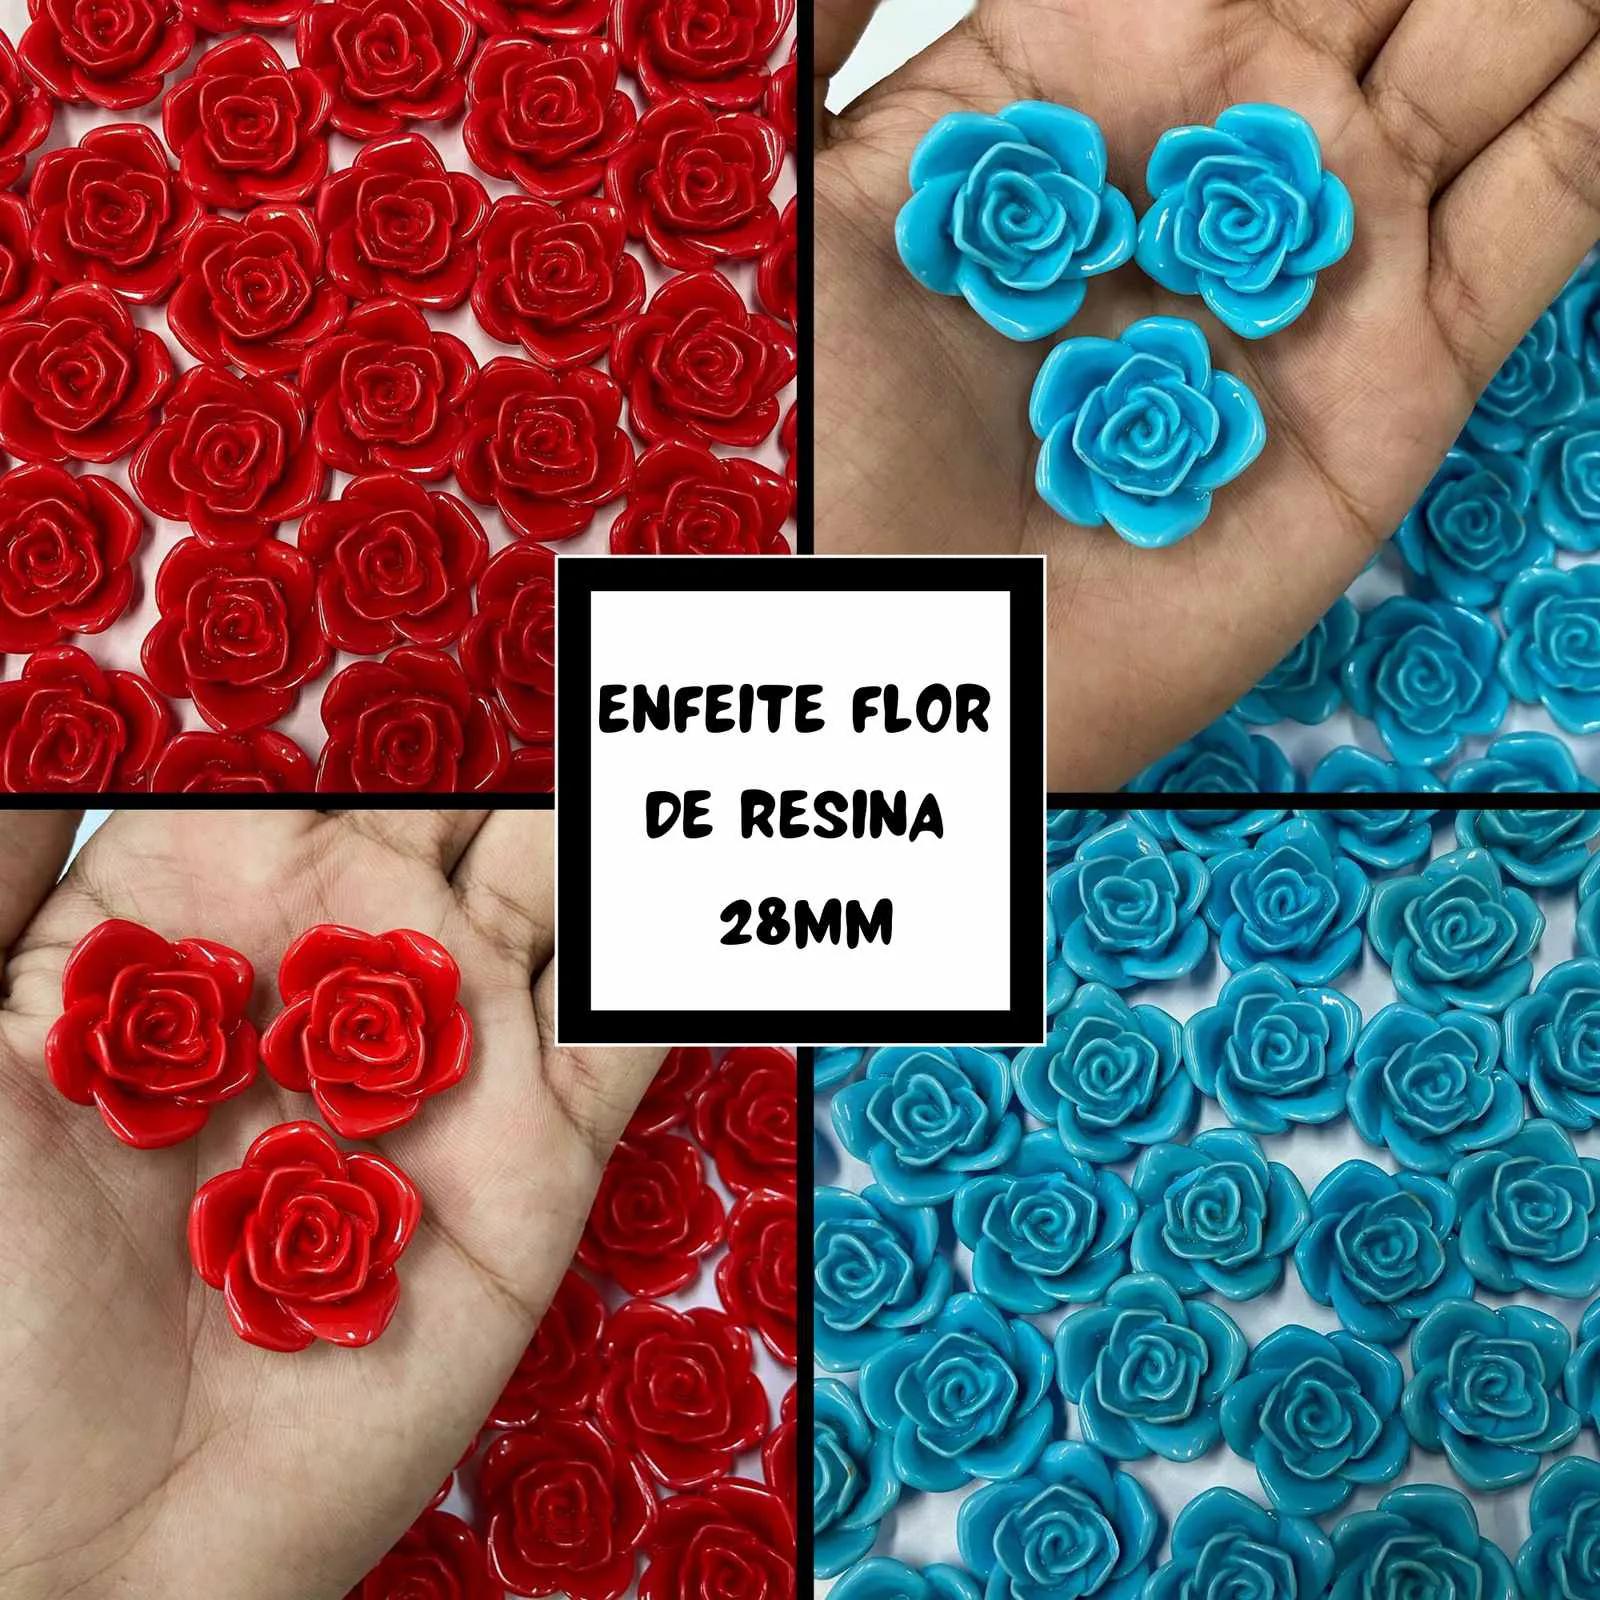 Enfeite Flor de Resina 28mm - 50 unidades